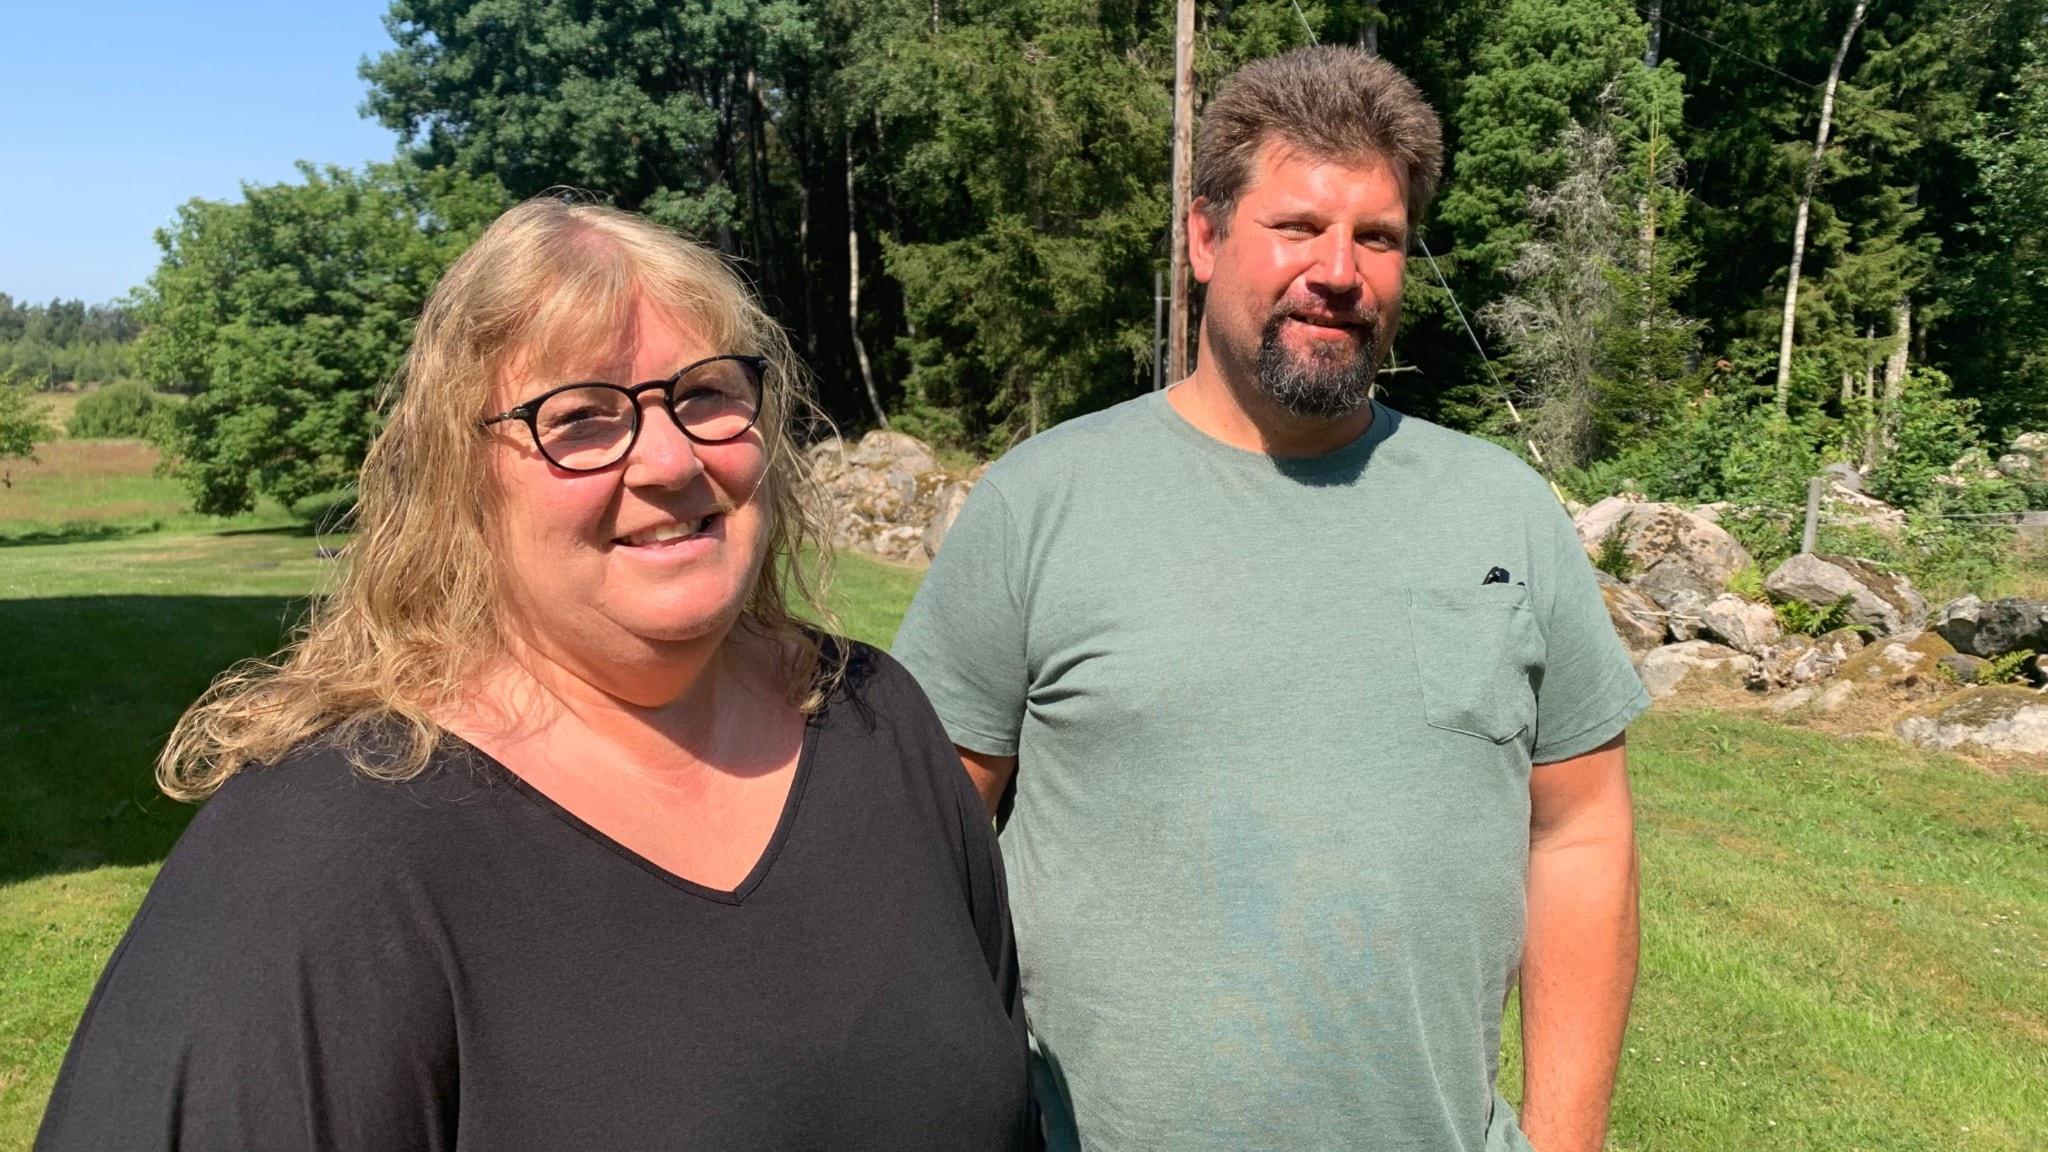 Ann-Charlott Roos och Tony Johansson, föräldrar till kulstötaren Fanny Roos. De står bredvid varandra i deras trädgård hemma i Ekenäs utanför Ryssby.